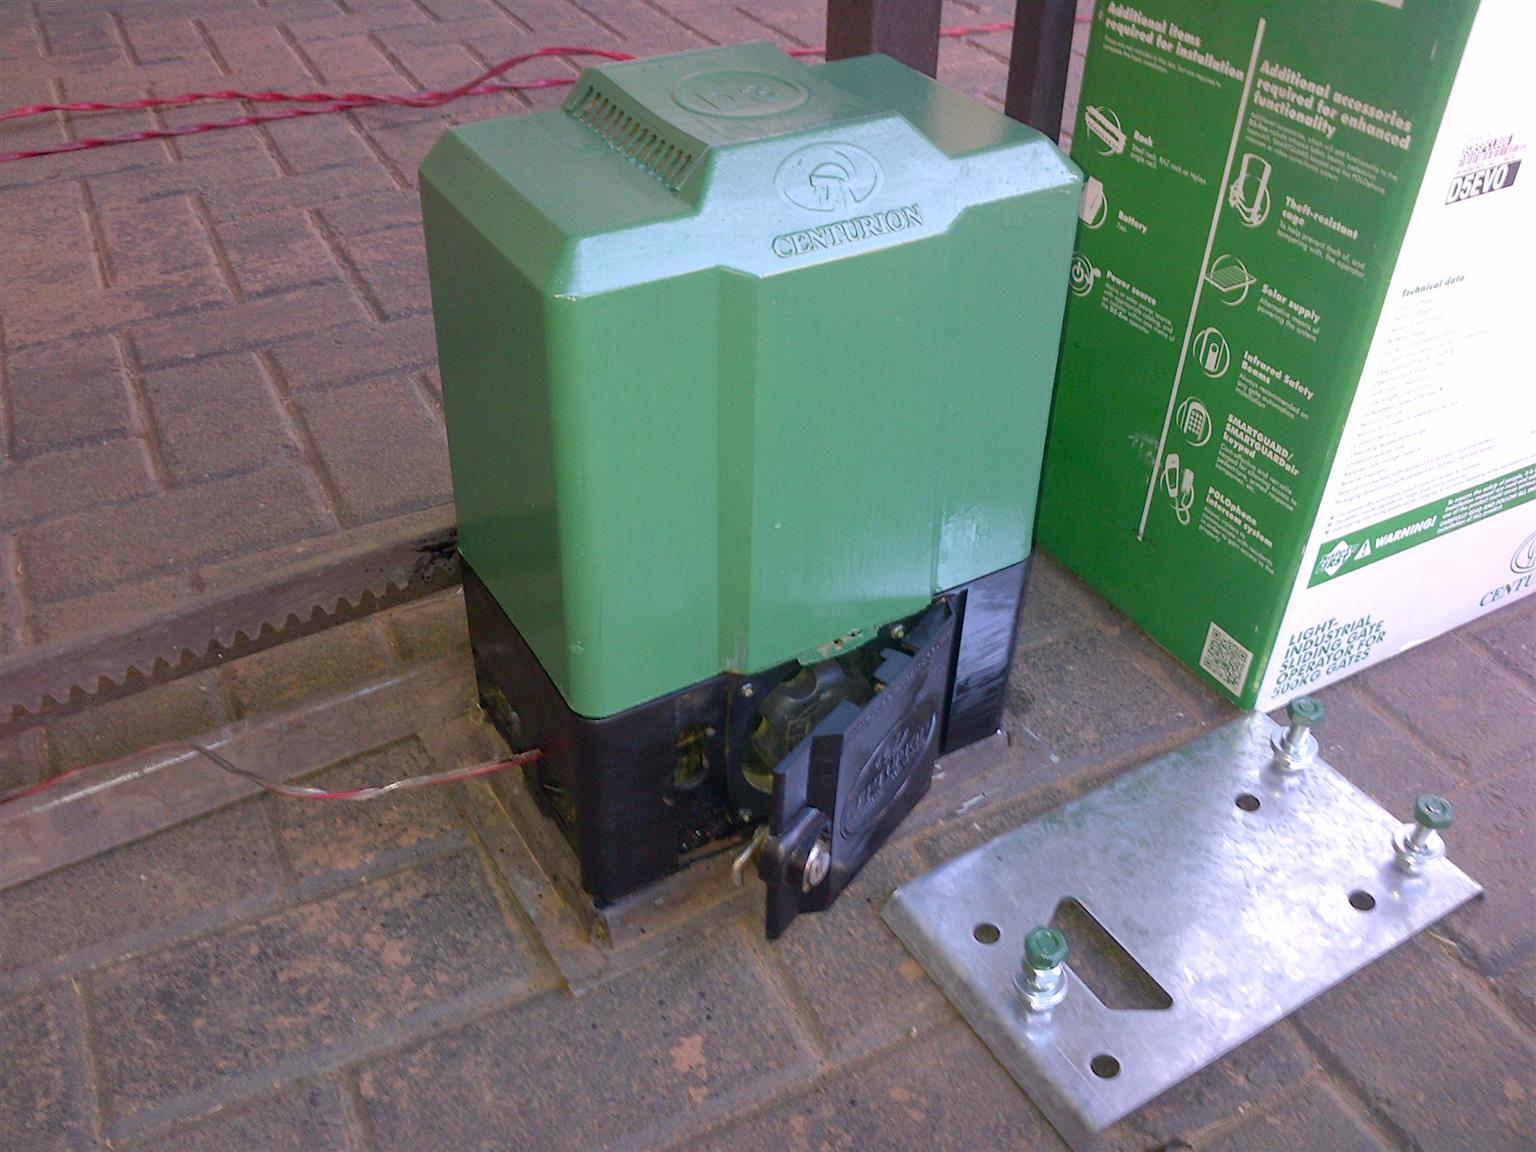 Centurion D5 complete kit - gatemotor - R1800 - Randfontein